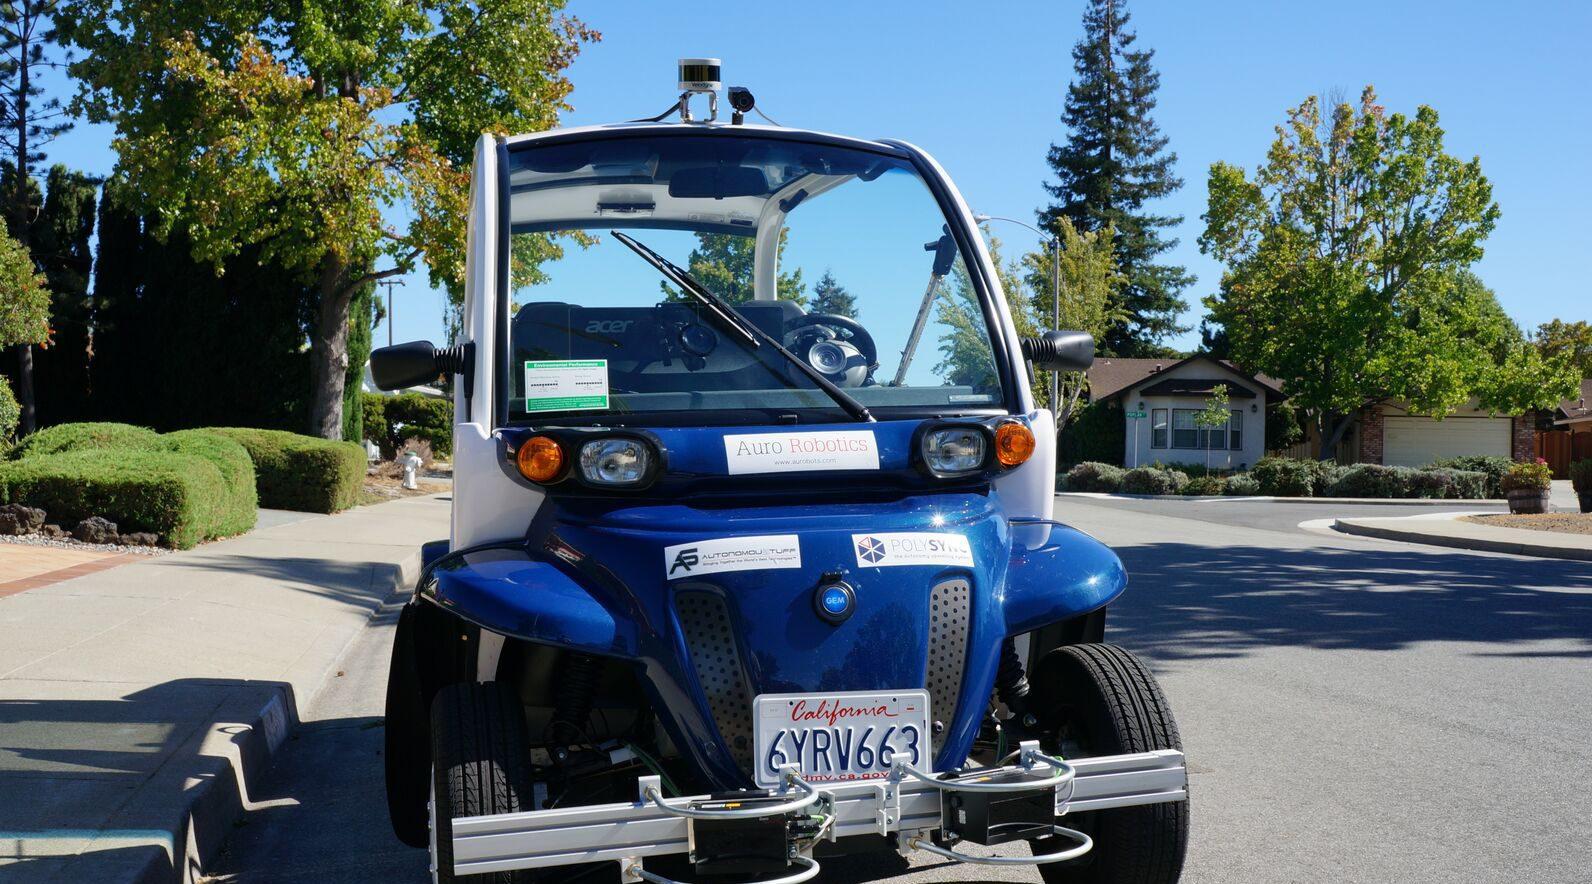 Auro Self Driving Car